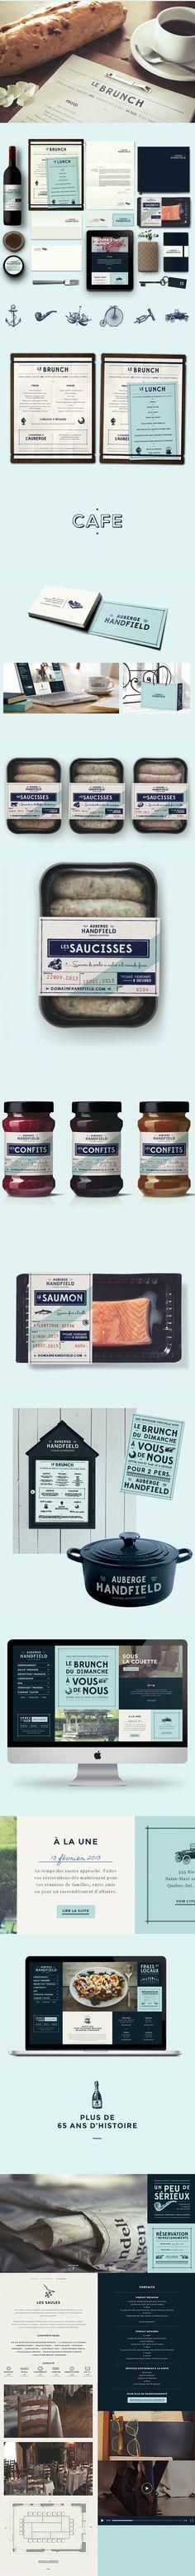 Auberge Handfield identity packaging branding PD